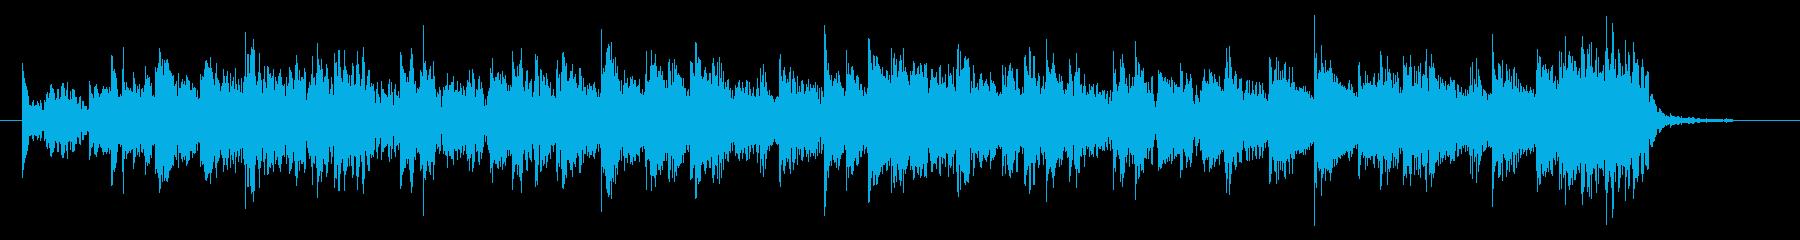 シンセを多用したピコピコ系エレクトロの再生済みの波形